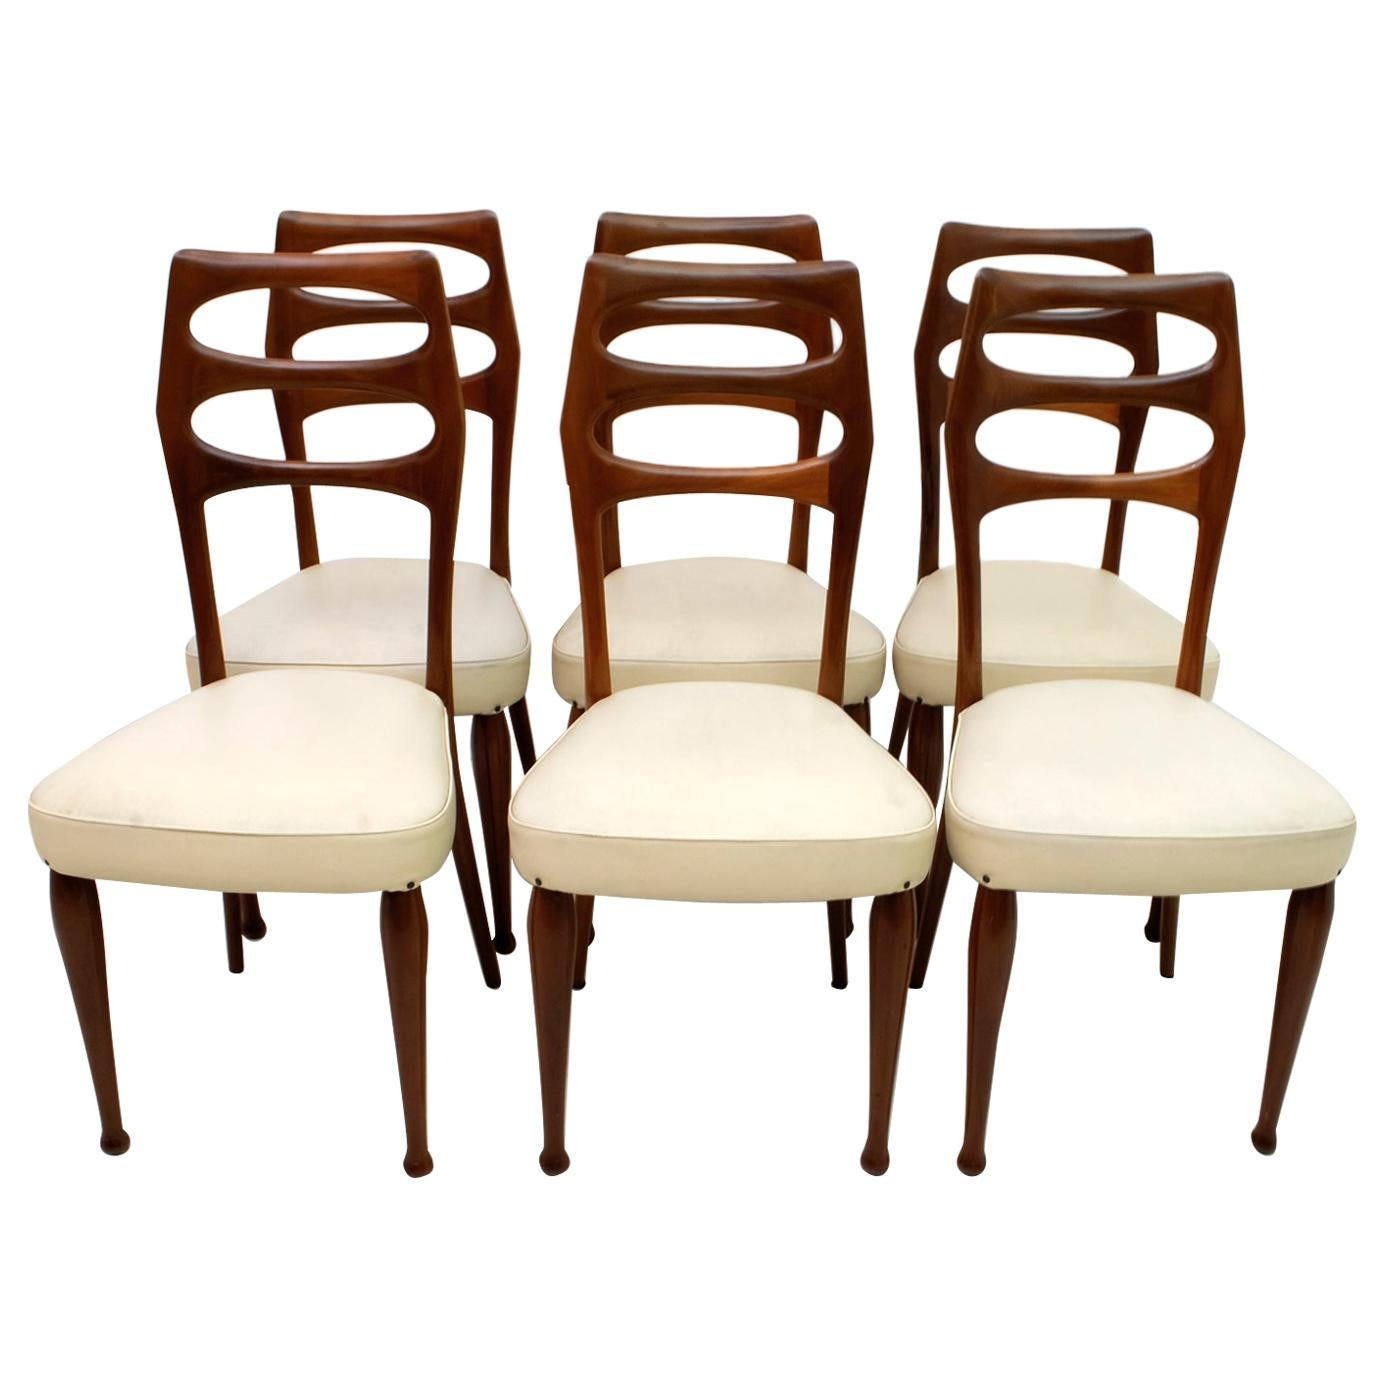 Six Vittorio Dassi Mid-Century Modern Italian Mahogany Dining Chairs, 1950s